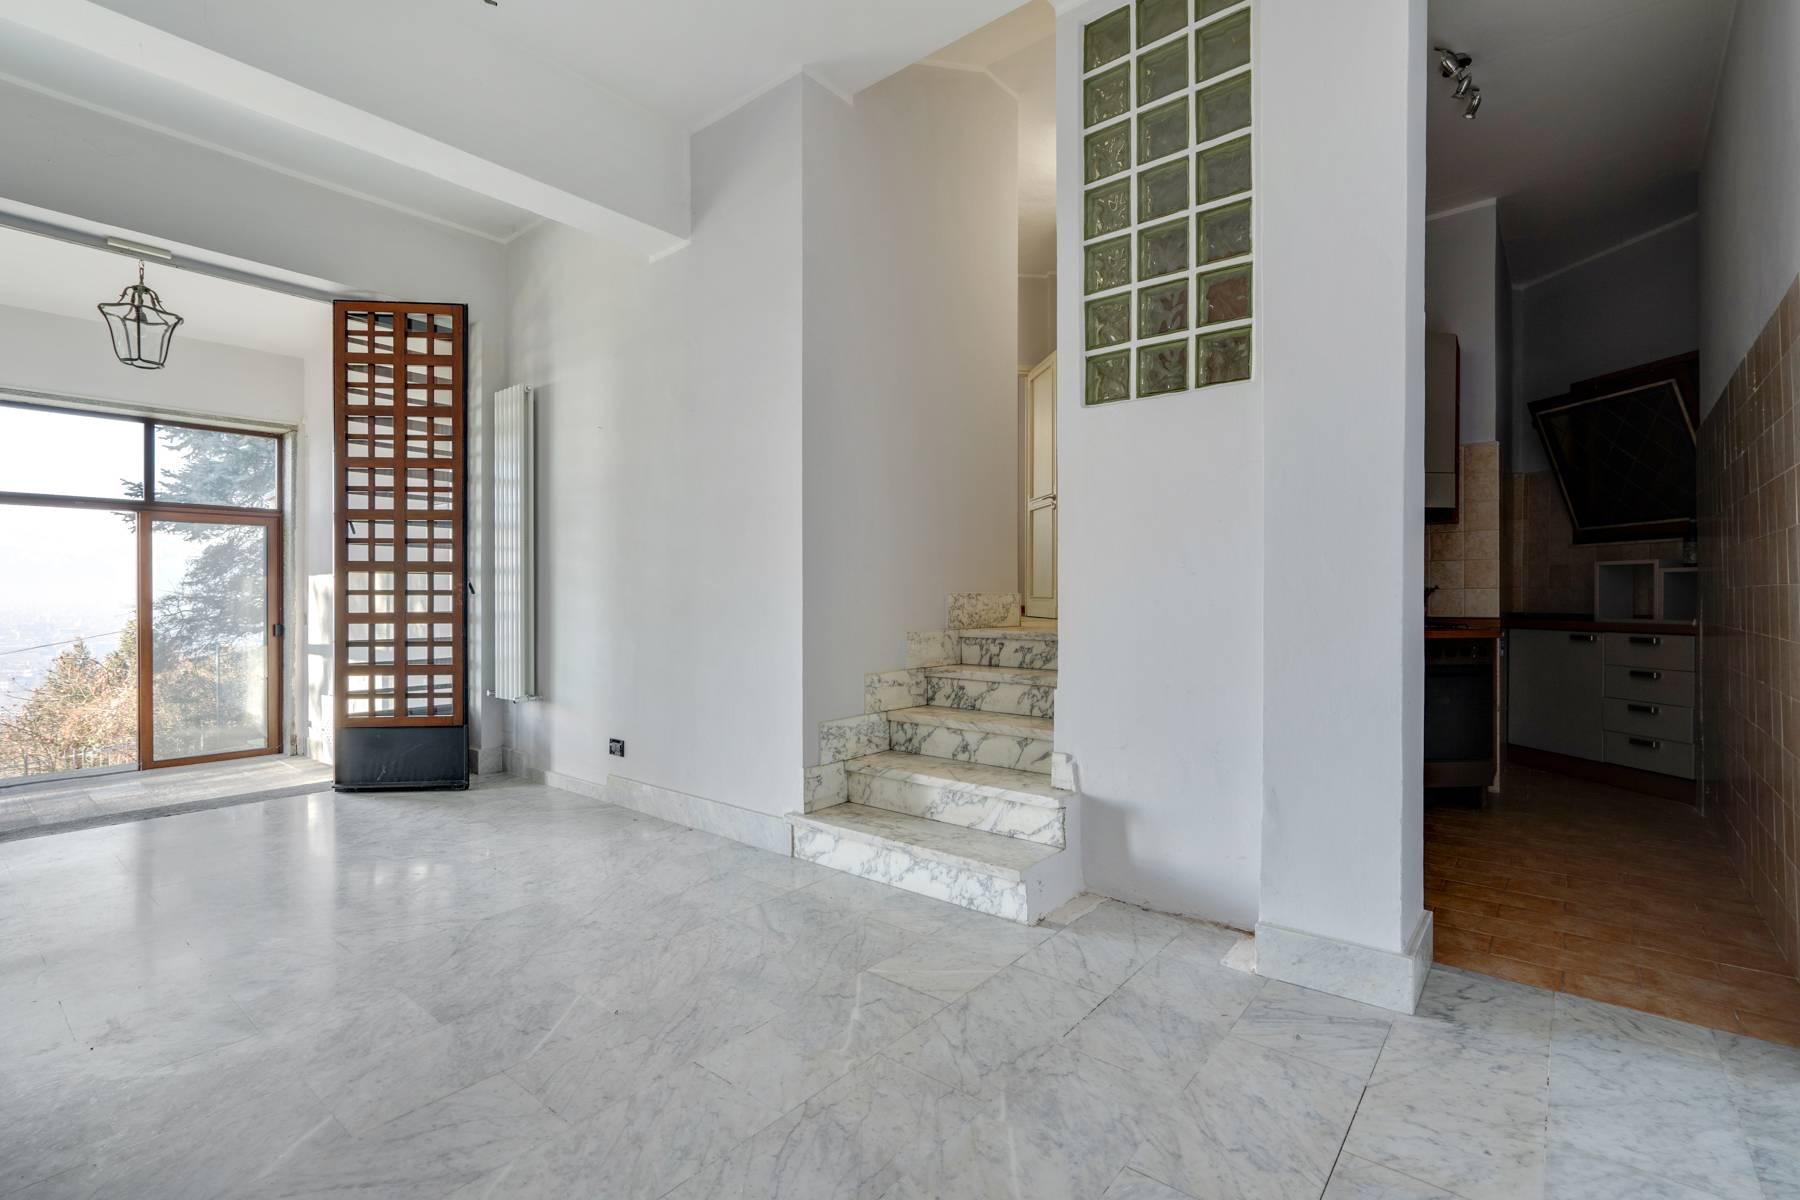 Appartamento in Vendita a Torino: 3 locali, 88 mq - Foto 4